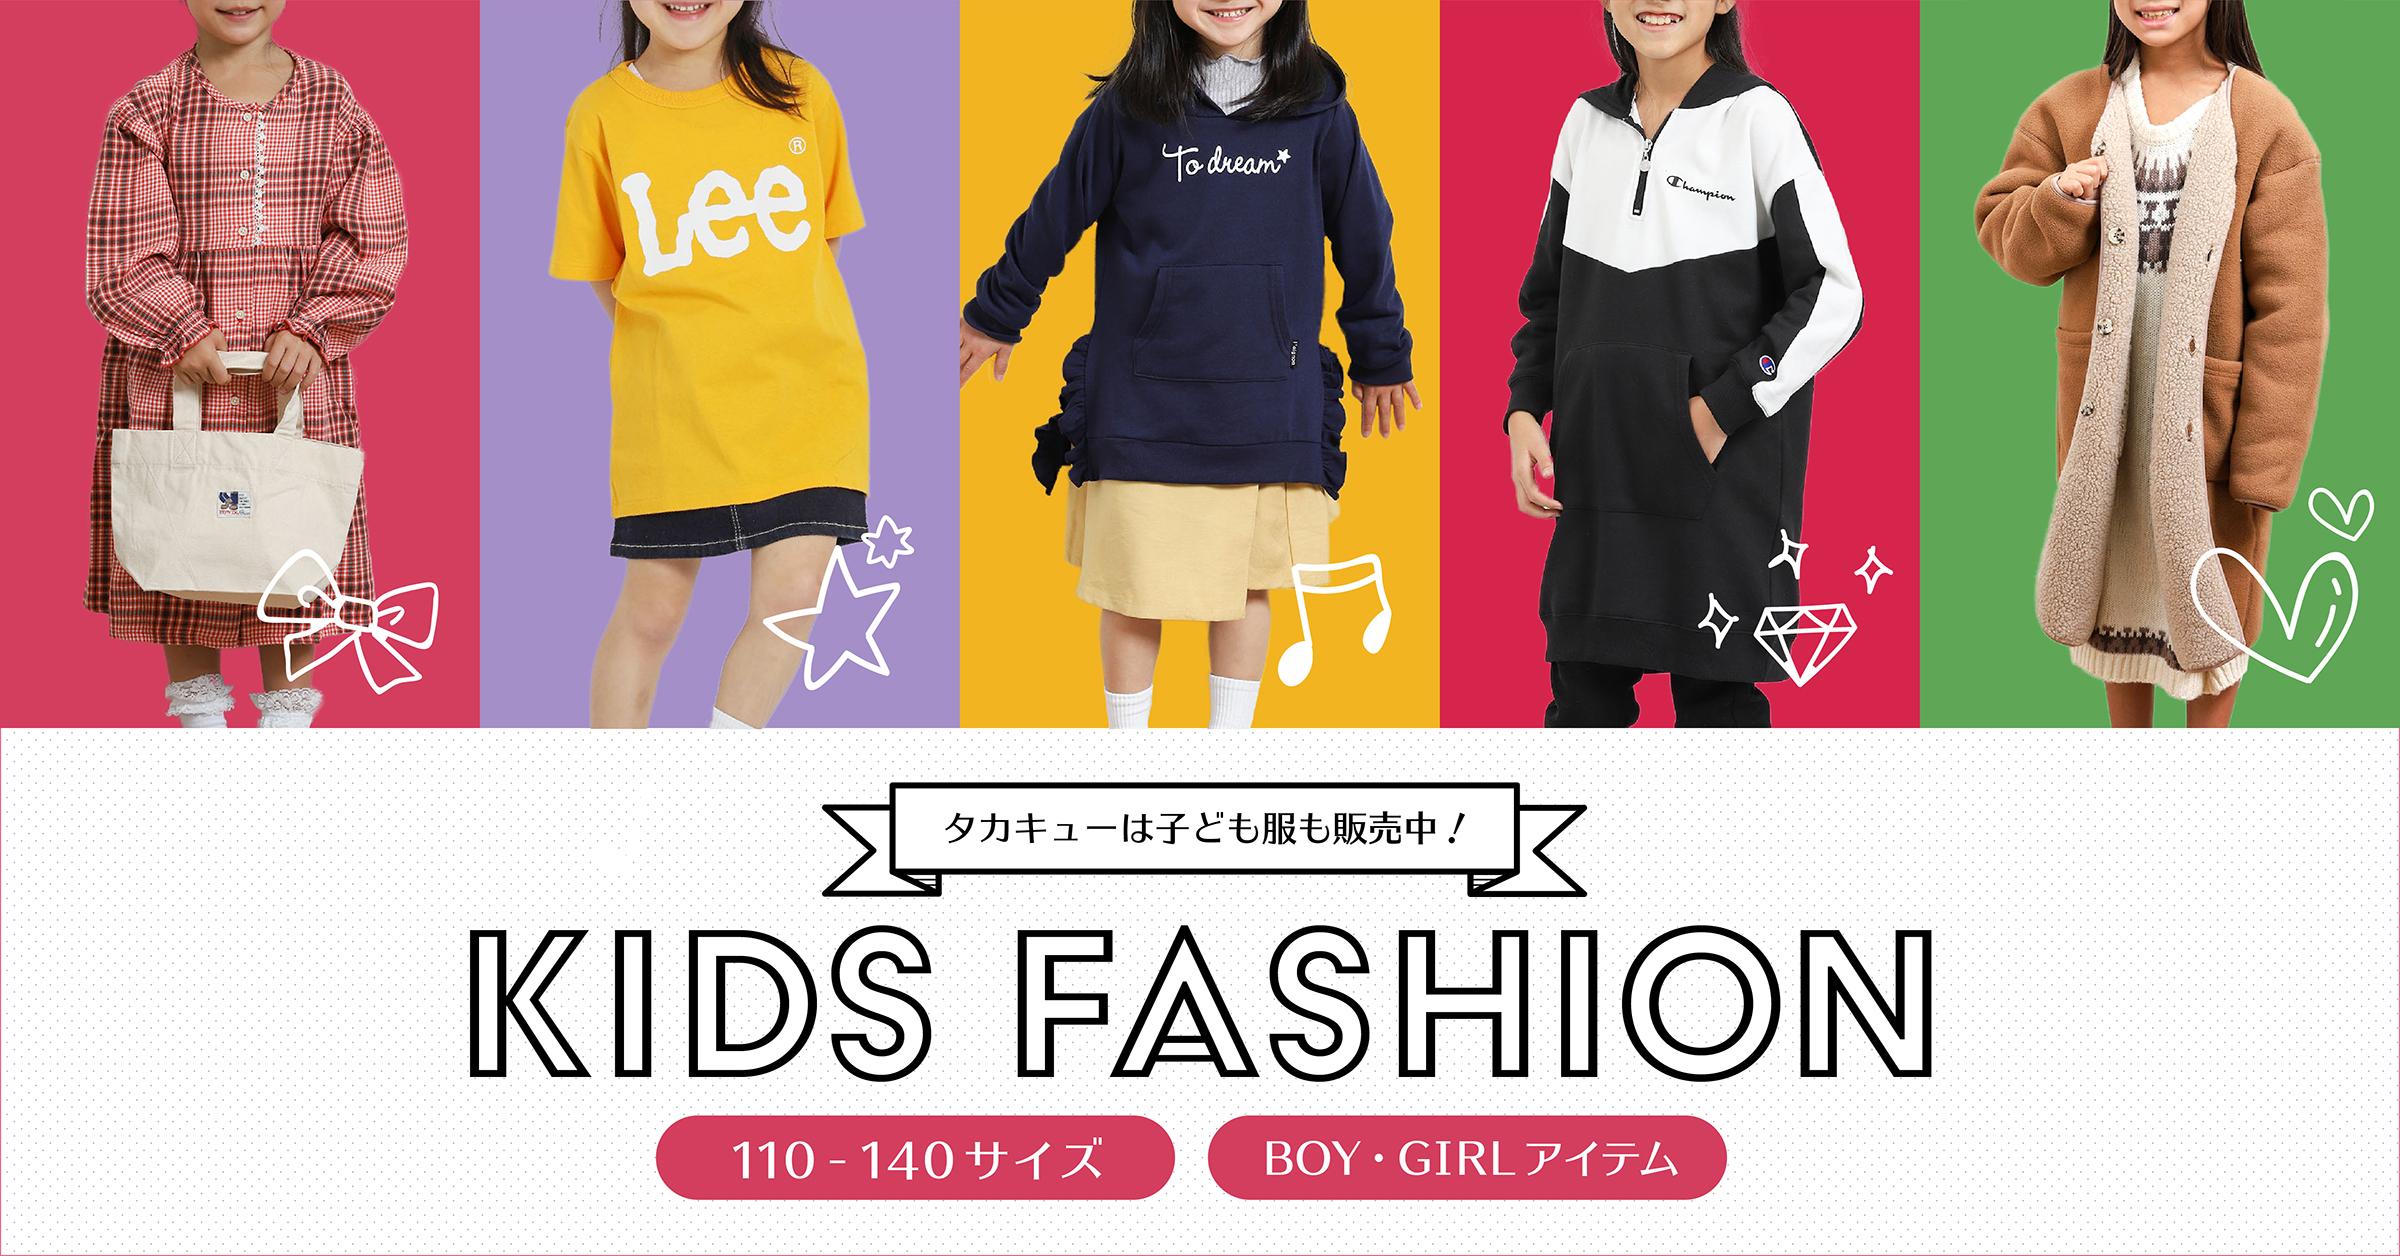 キッズファッション from TAKAQ